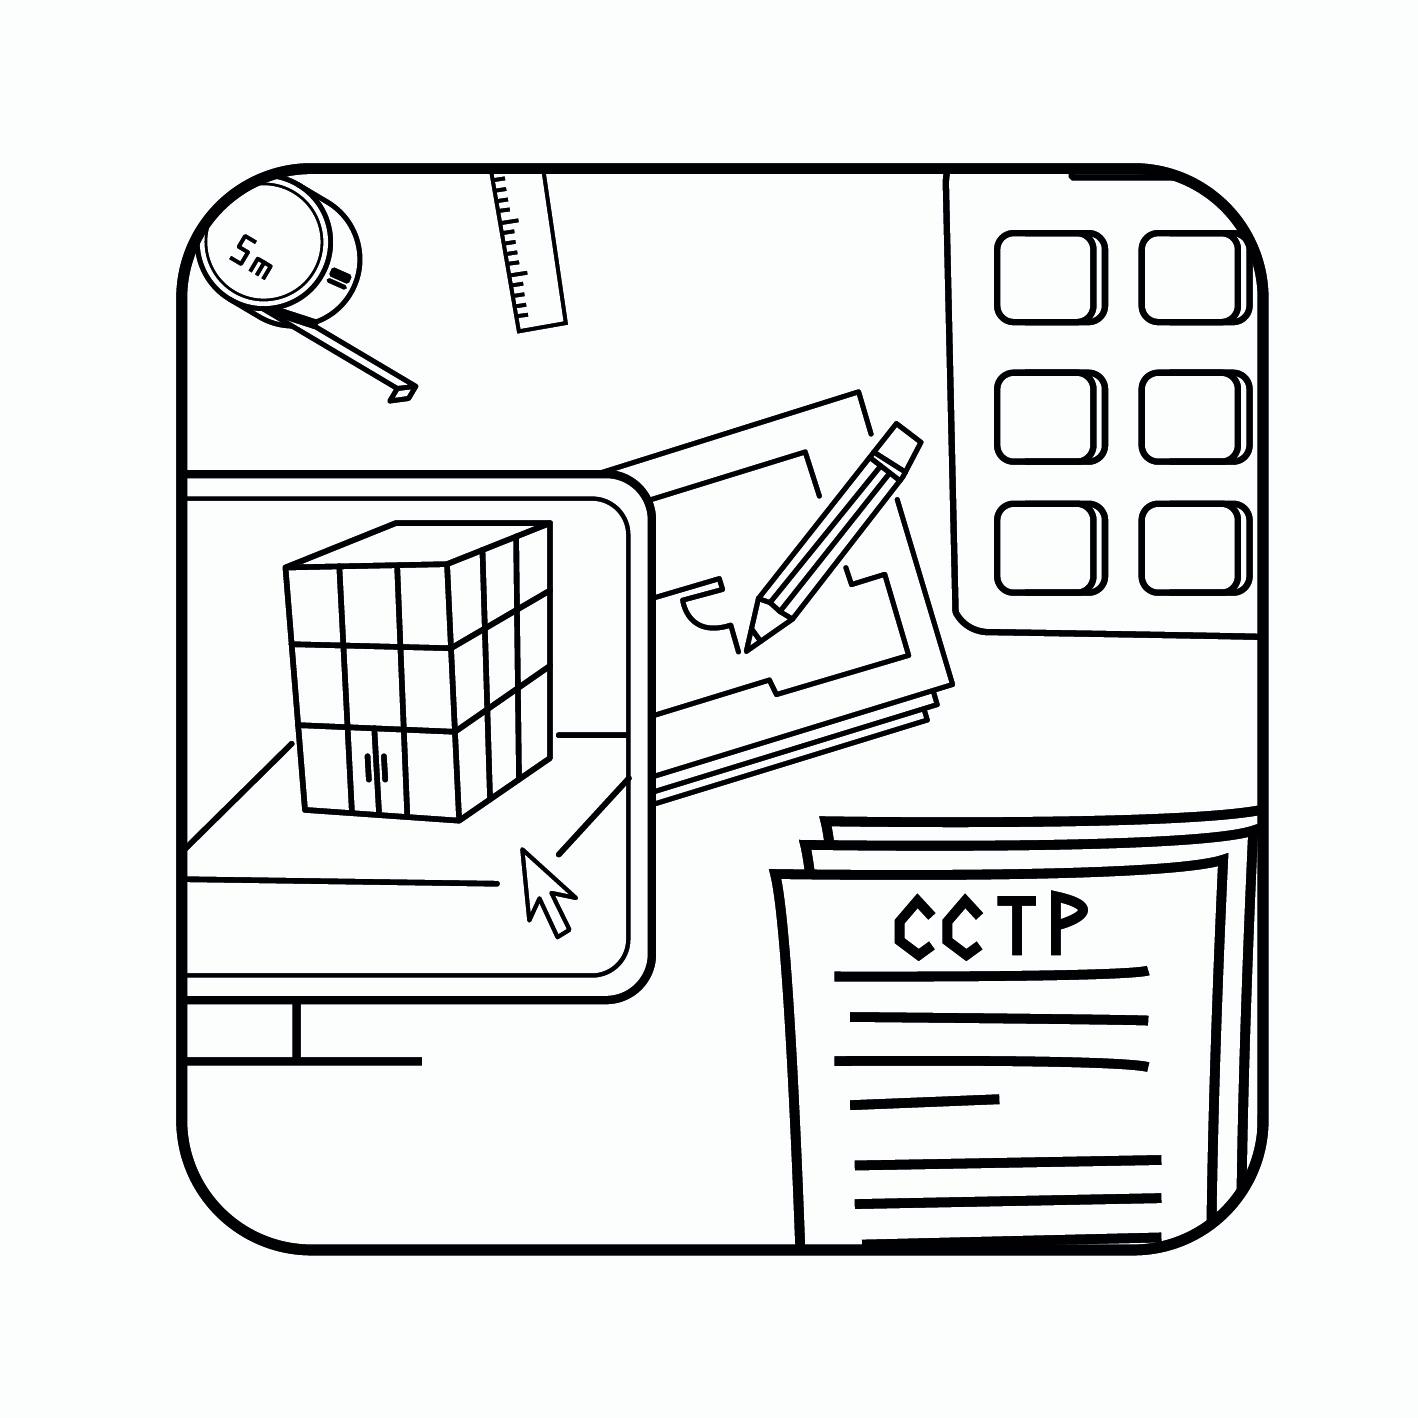 L'amont : la phase de conception et de choix des partenaires